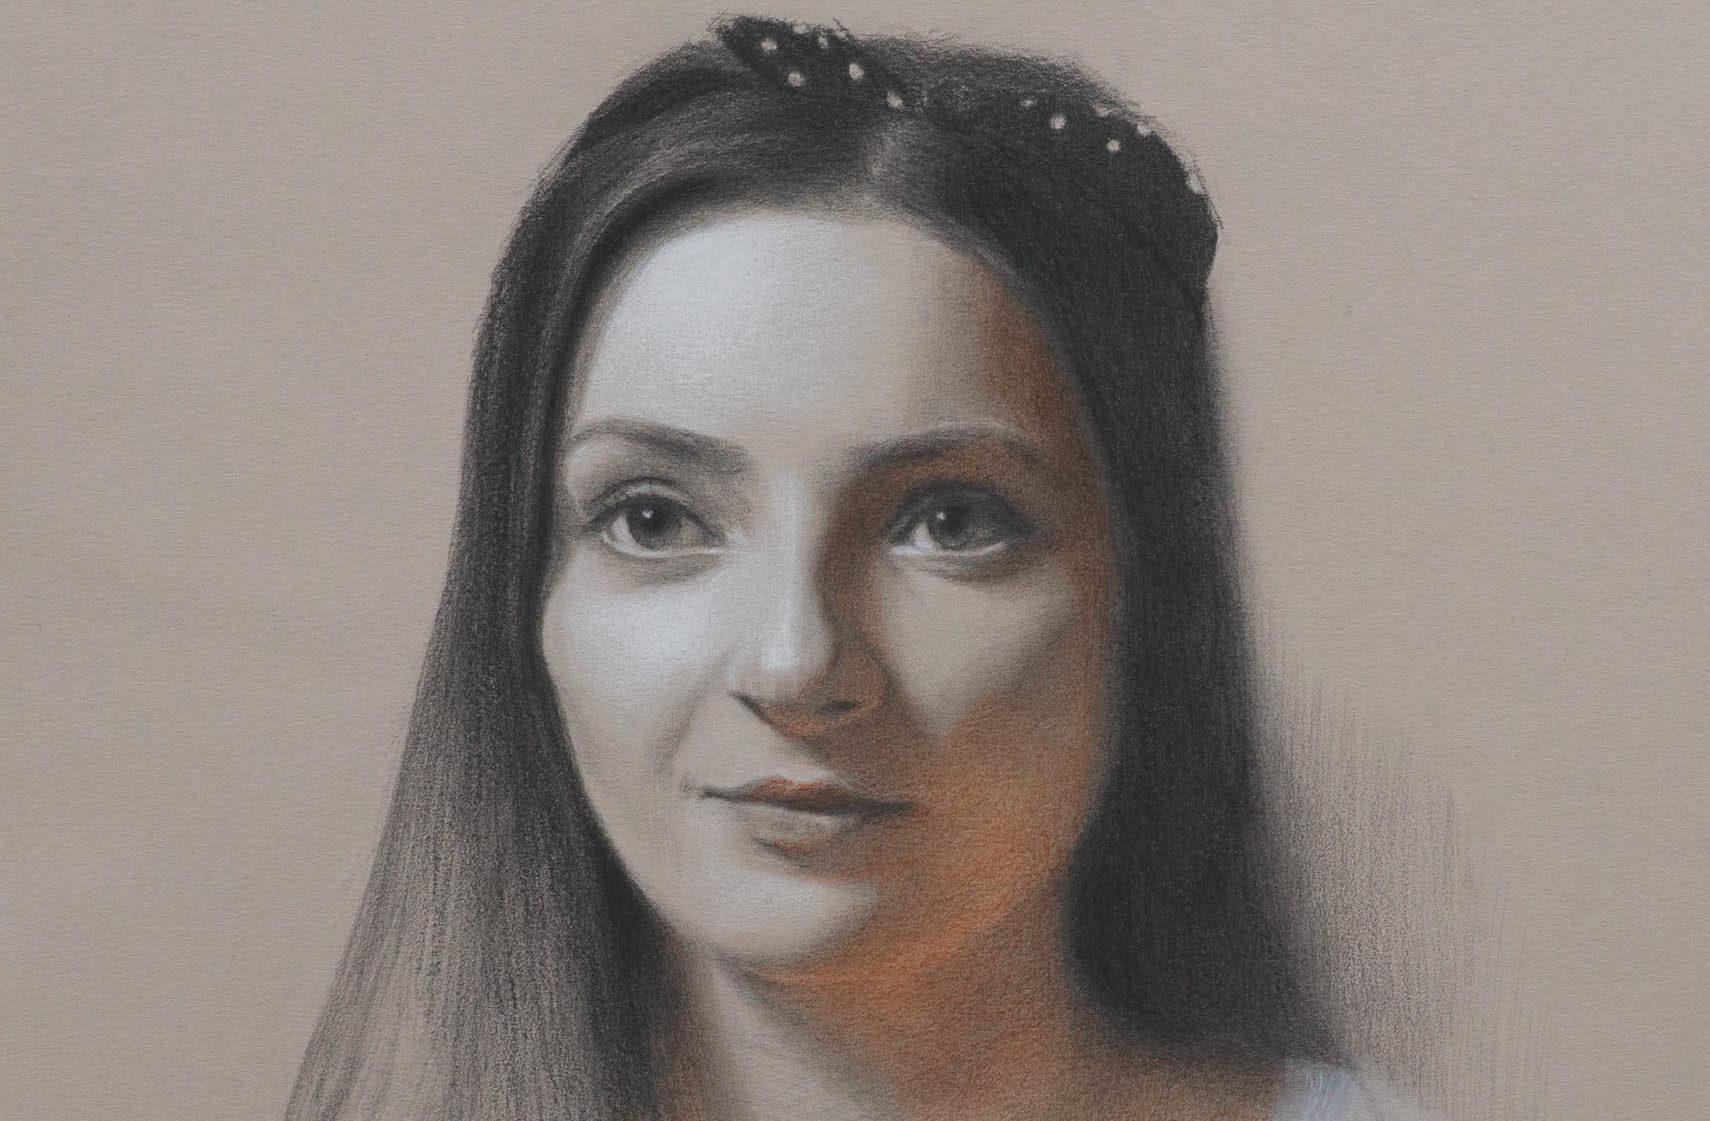 academy gesichter zeichnen lernen 01 - Portrait drawing